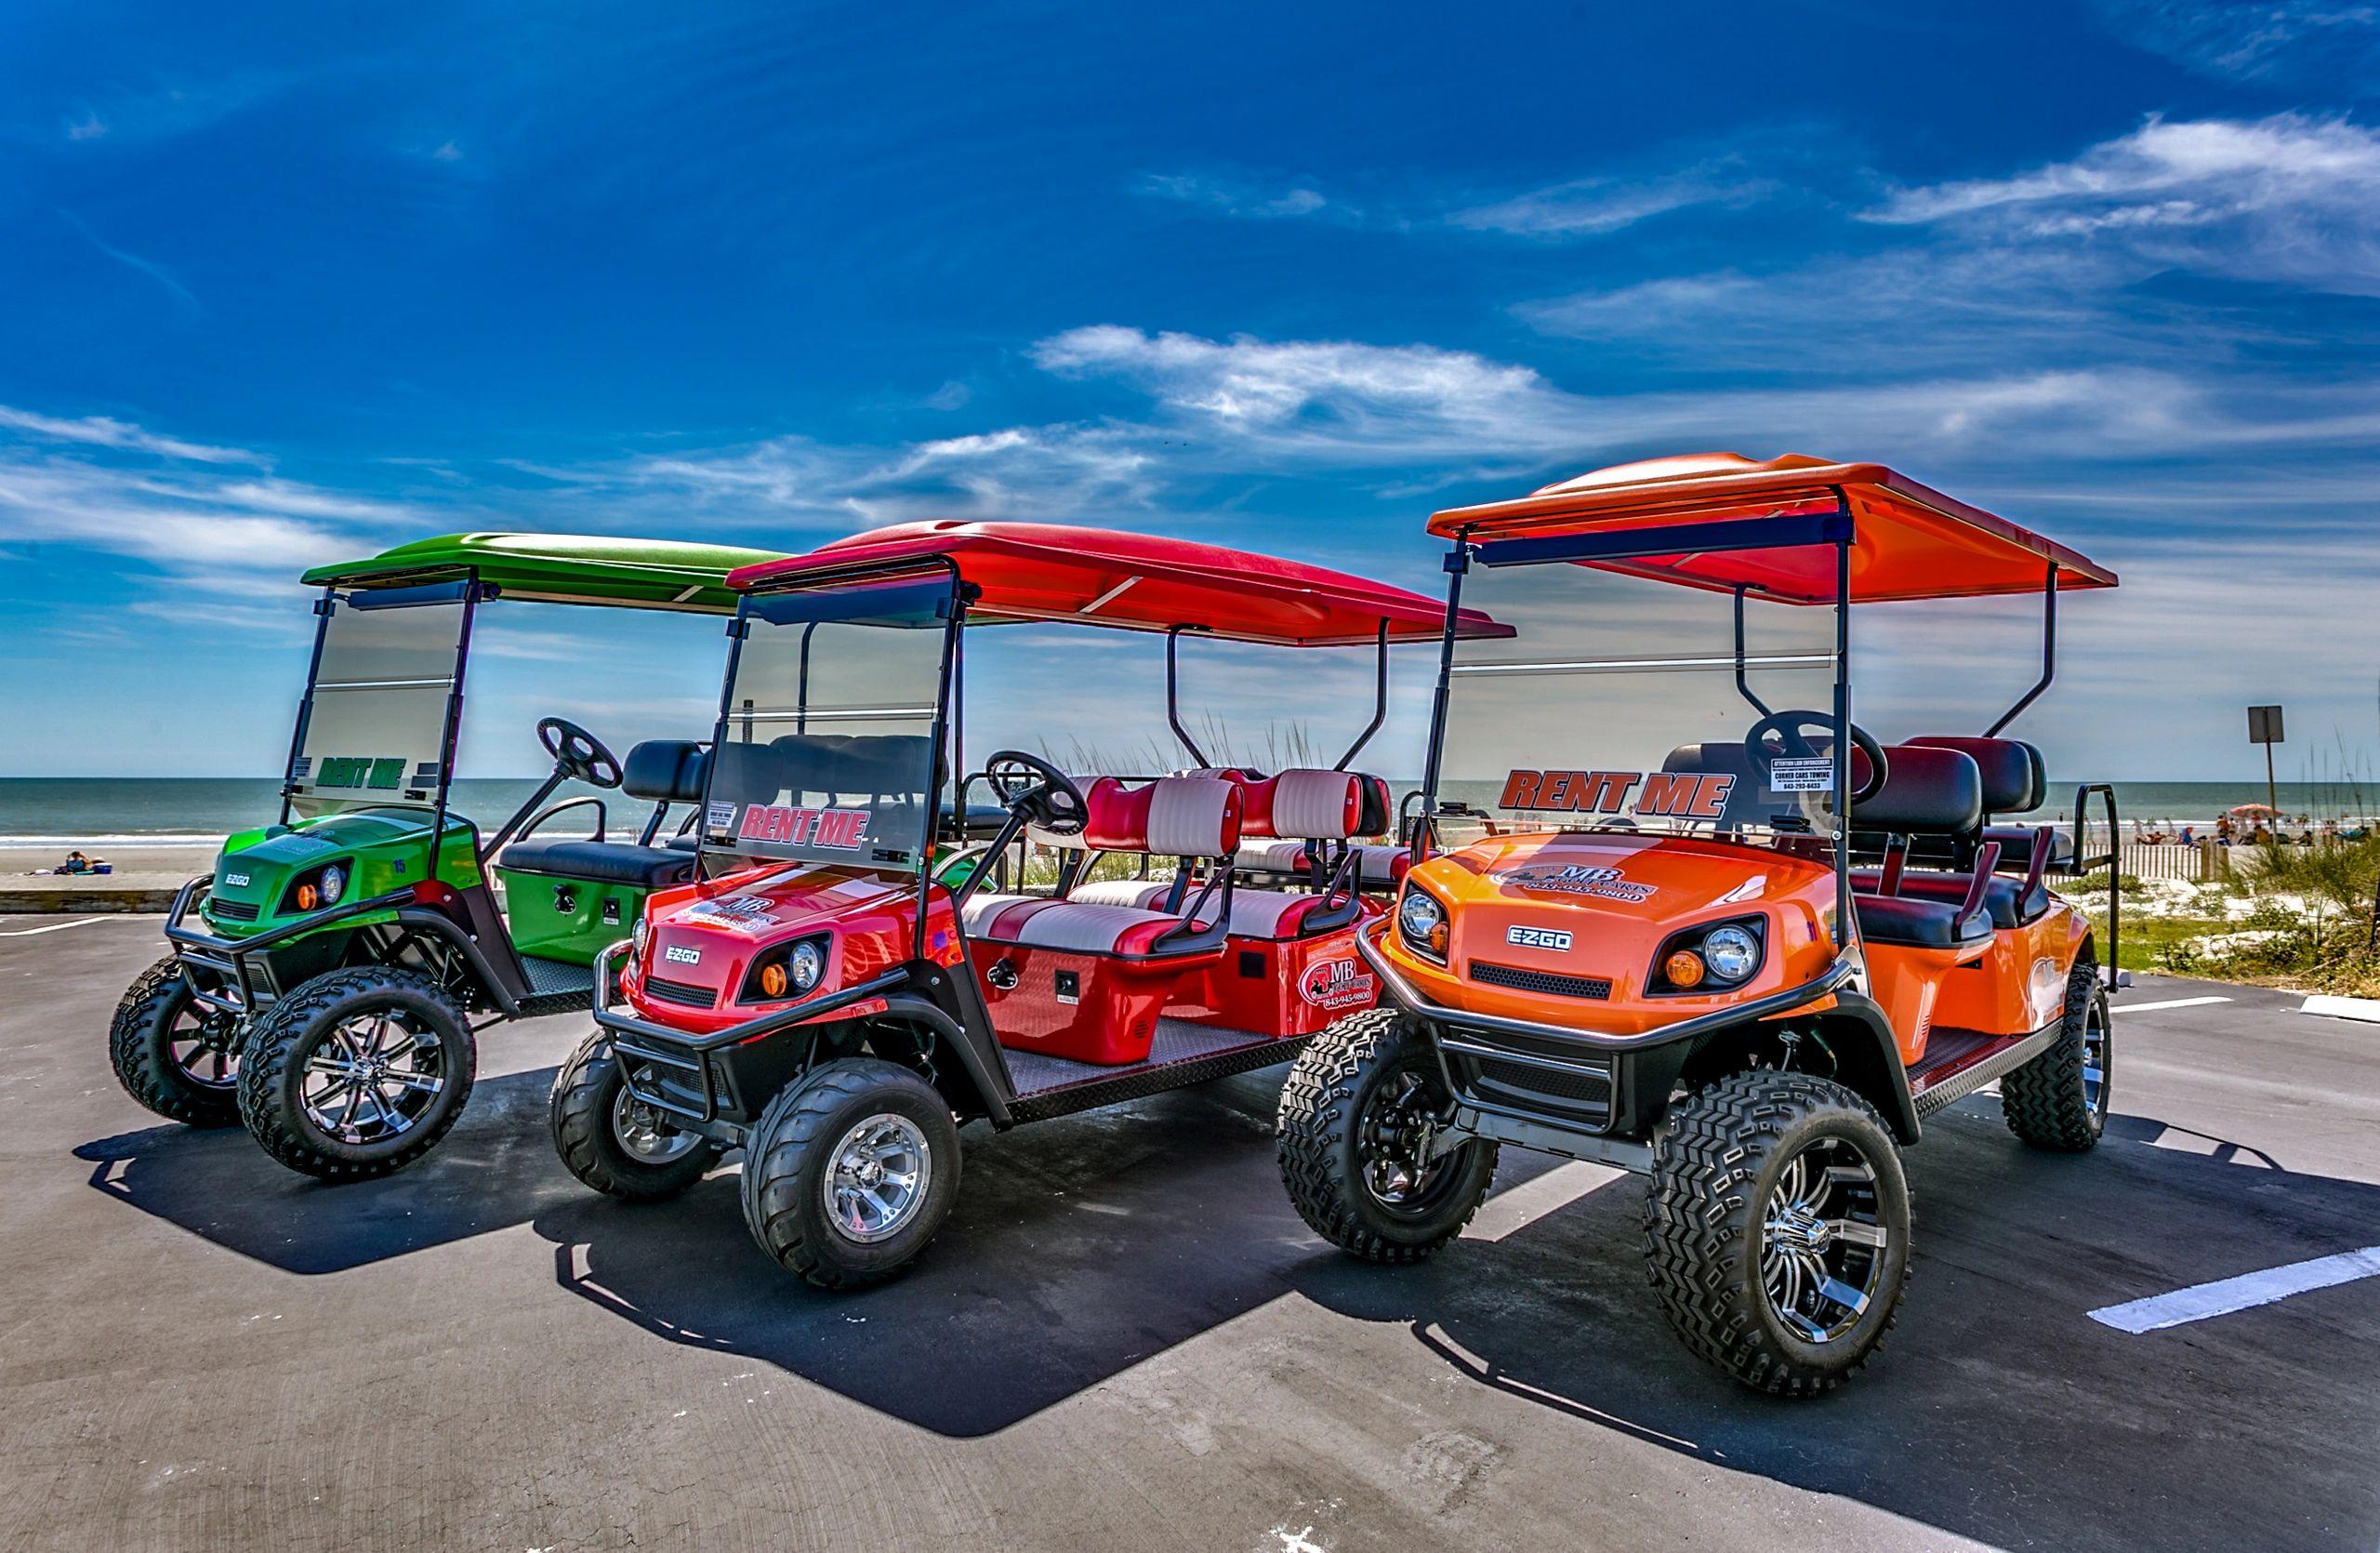 37++ Affordable golf car rentals north myrtle beach sc ideas